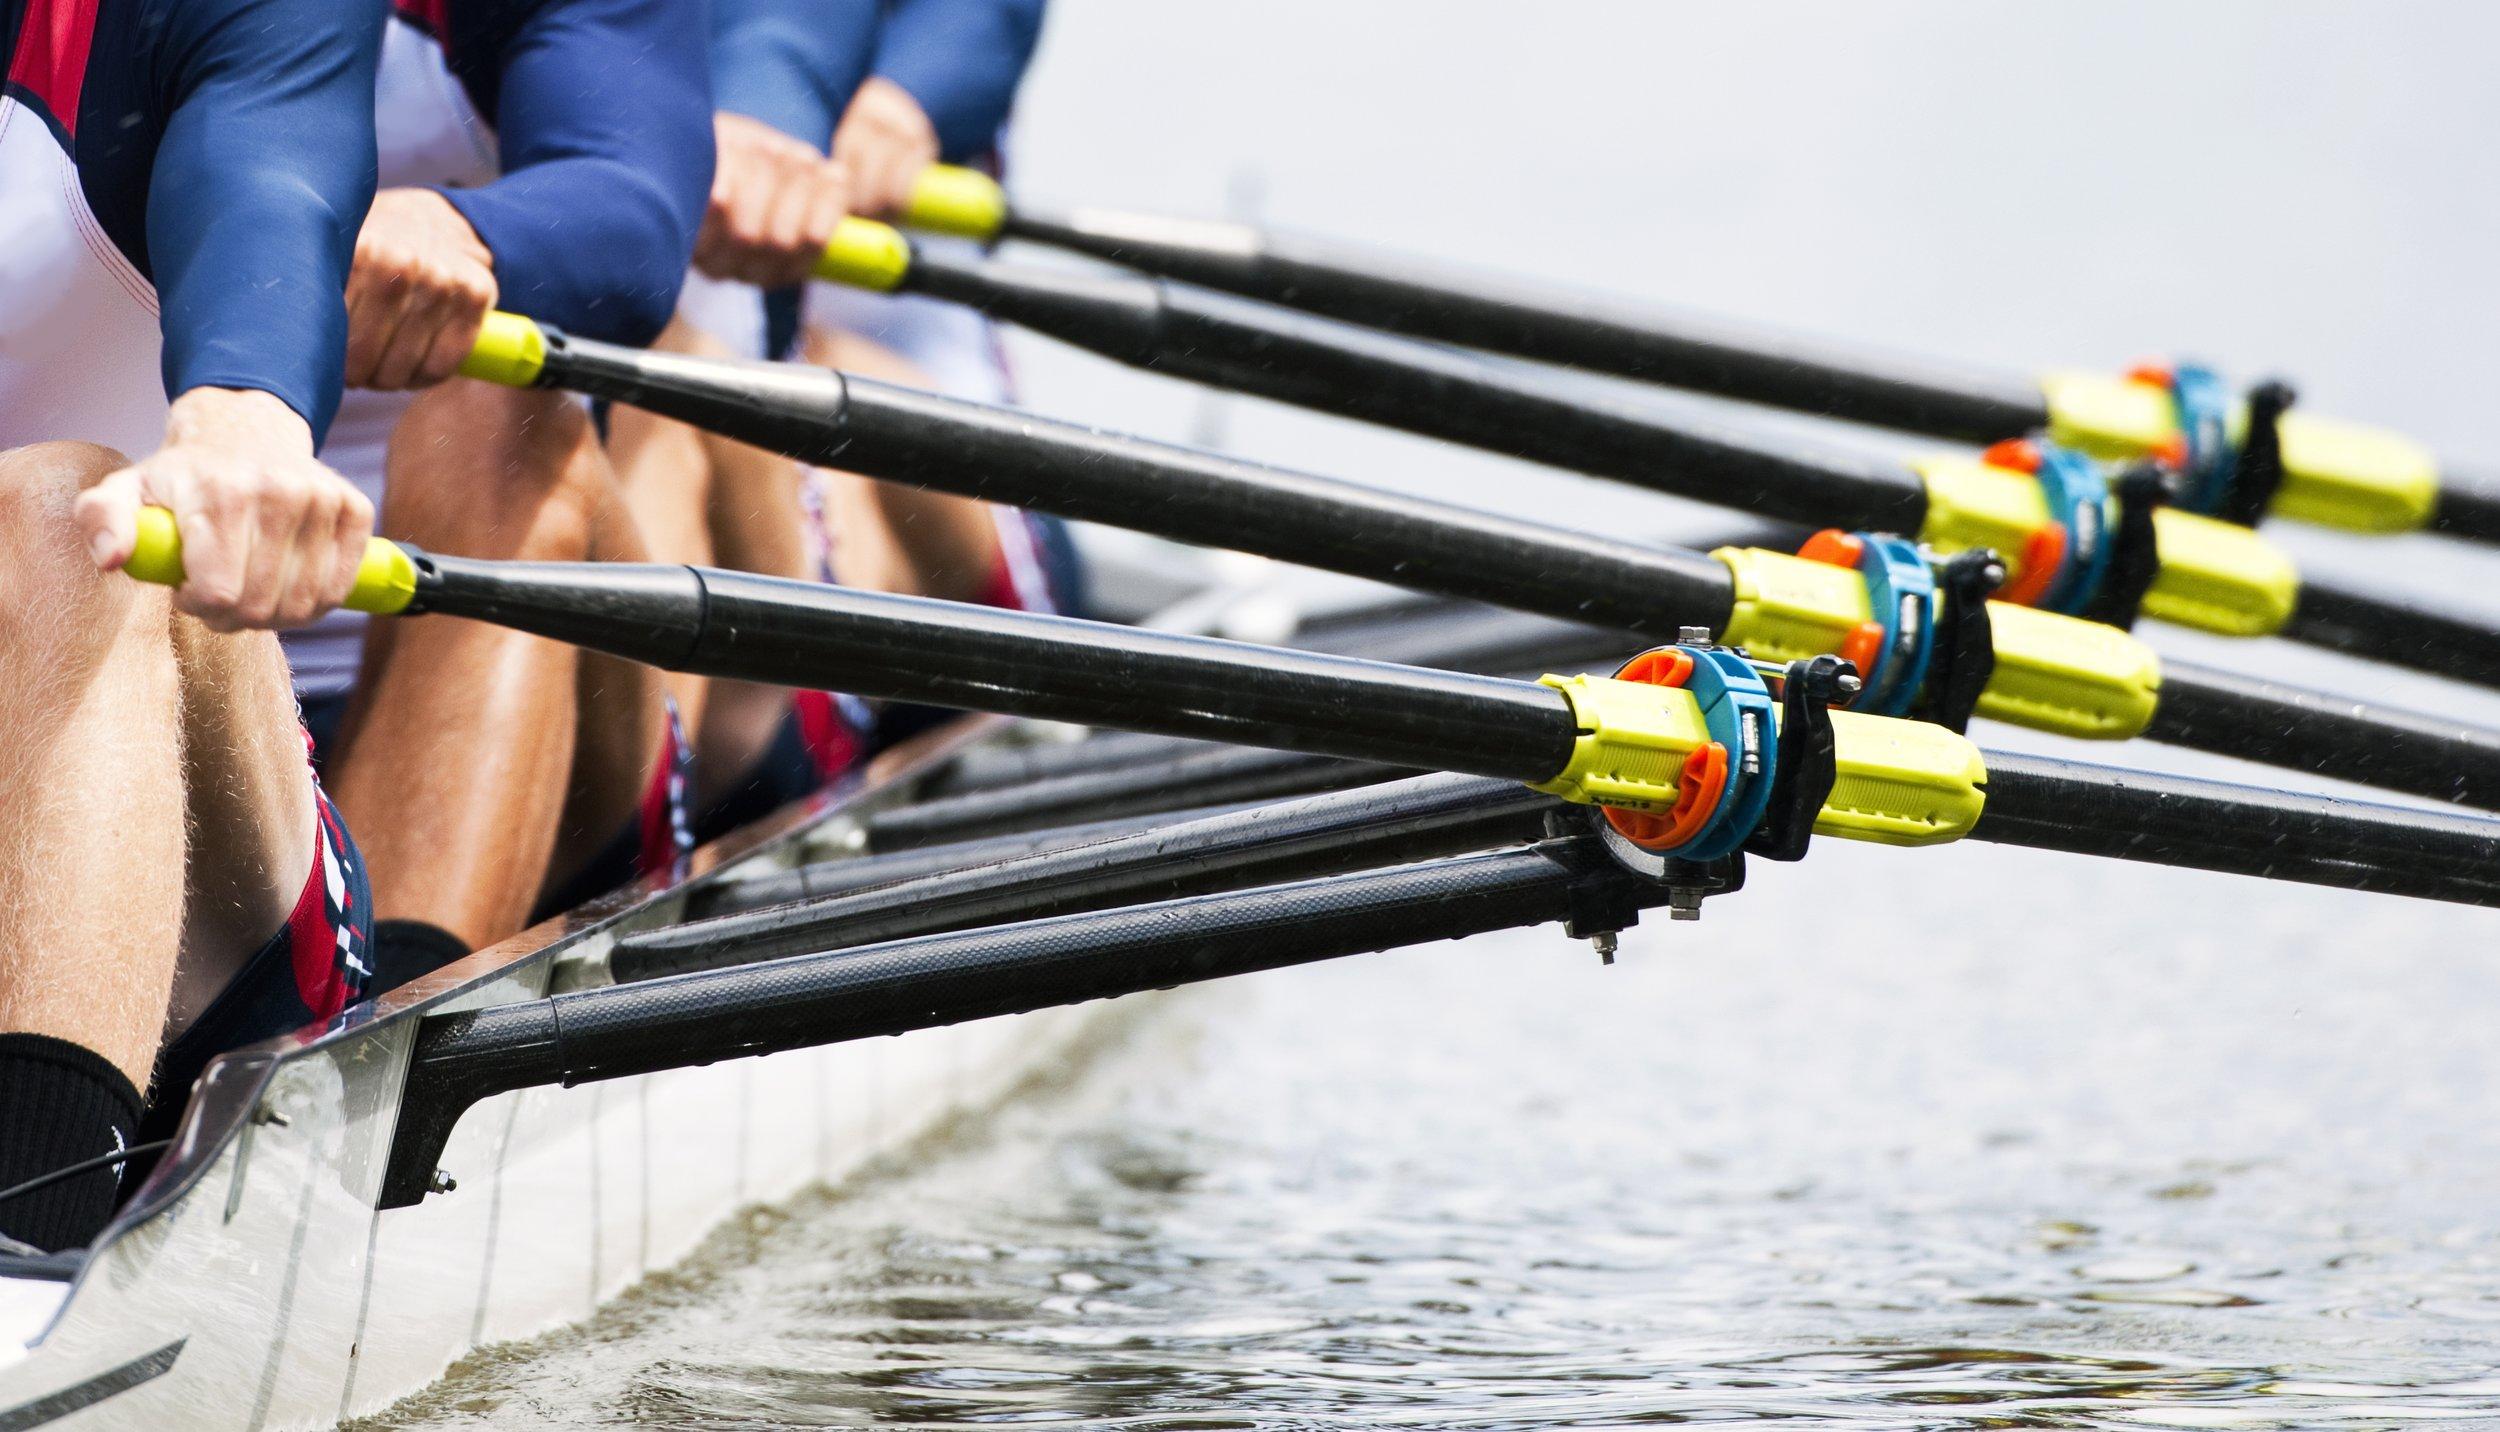 Forskning på beredskapsplanlegging og krisehåndtering - praktiske verktøy for både ledere, team og medarbeidere - Effektiv krisehåndtering er viktig for enhver organisasjon. Hver enkelts vurdering og handling spiller en avgjørende rolle når krisen oppstår og utvikles. Alle nivå i en organisasjon må derfor være forberedt og trent på hvordan kriser skal håndteres. Gjennom mental trening, stressmestring, samhandling og effektiv ledelse kan kritiske hendelser håndteres optimalt.